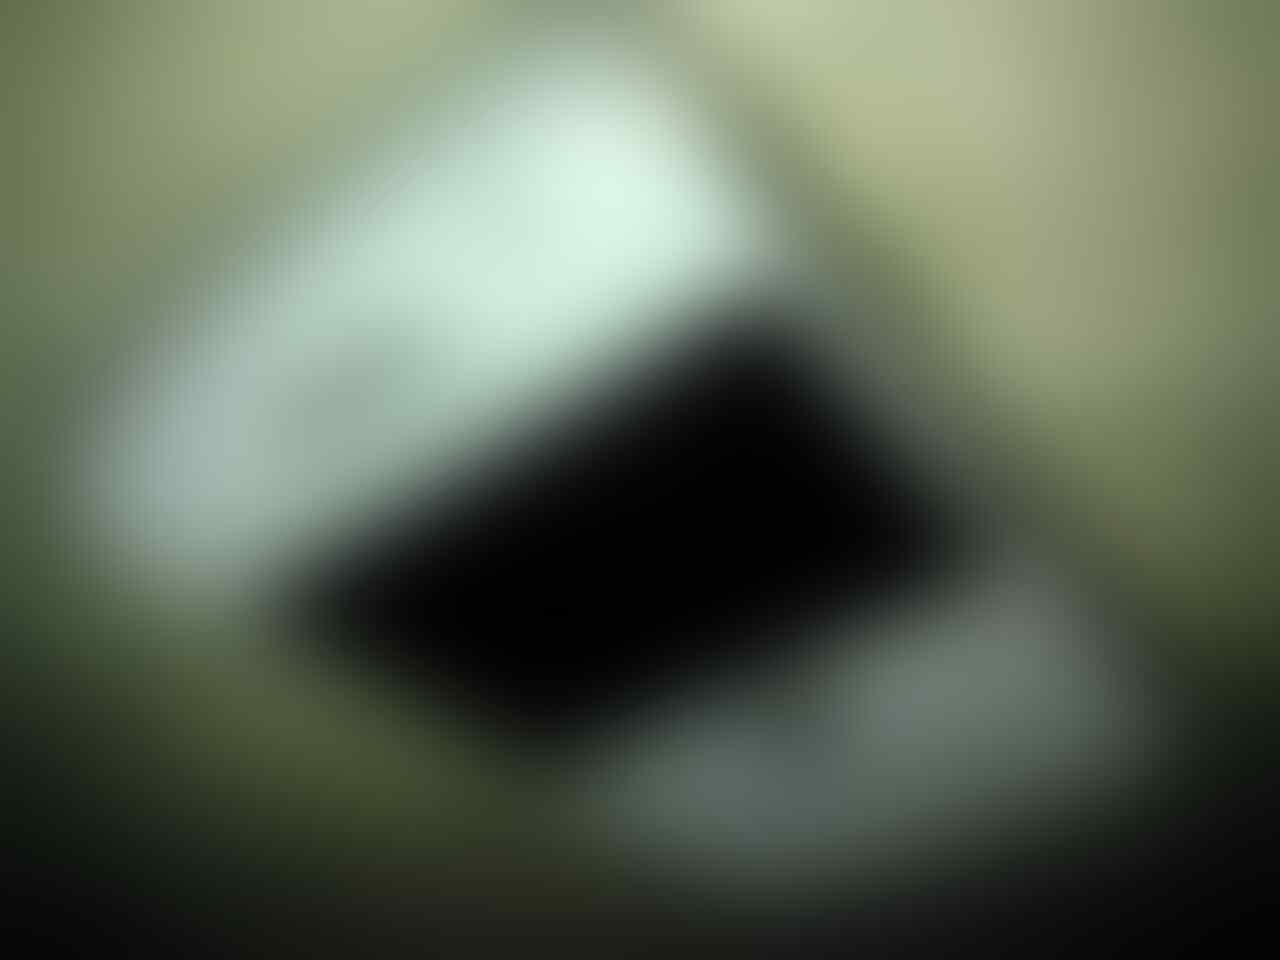 Blackberry bold 9780 white a.k.a onyx 2 ex grs TAM